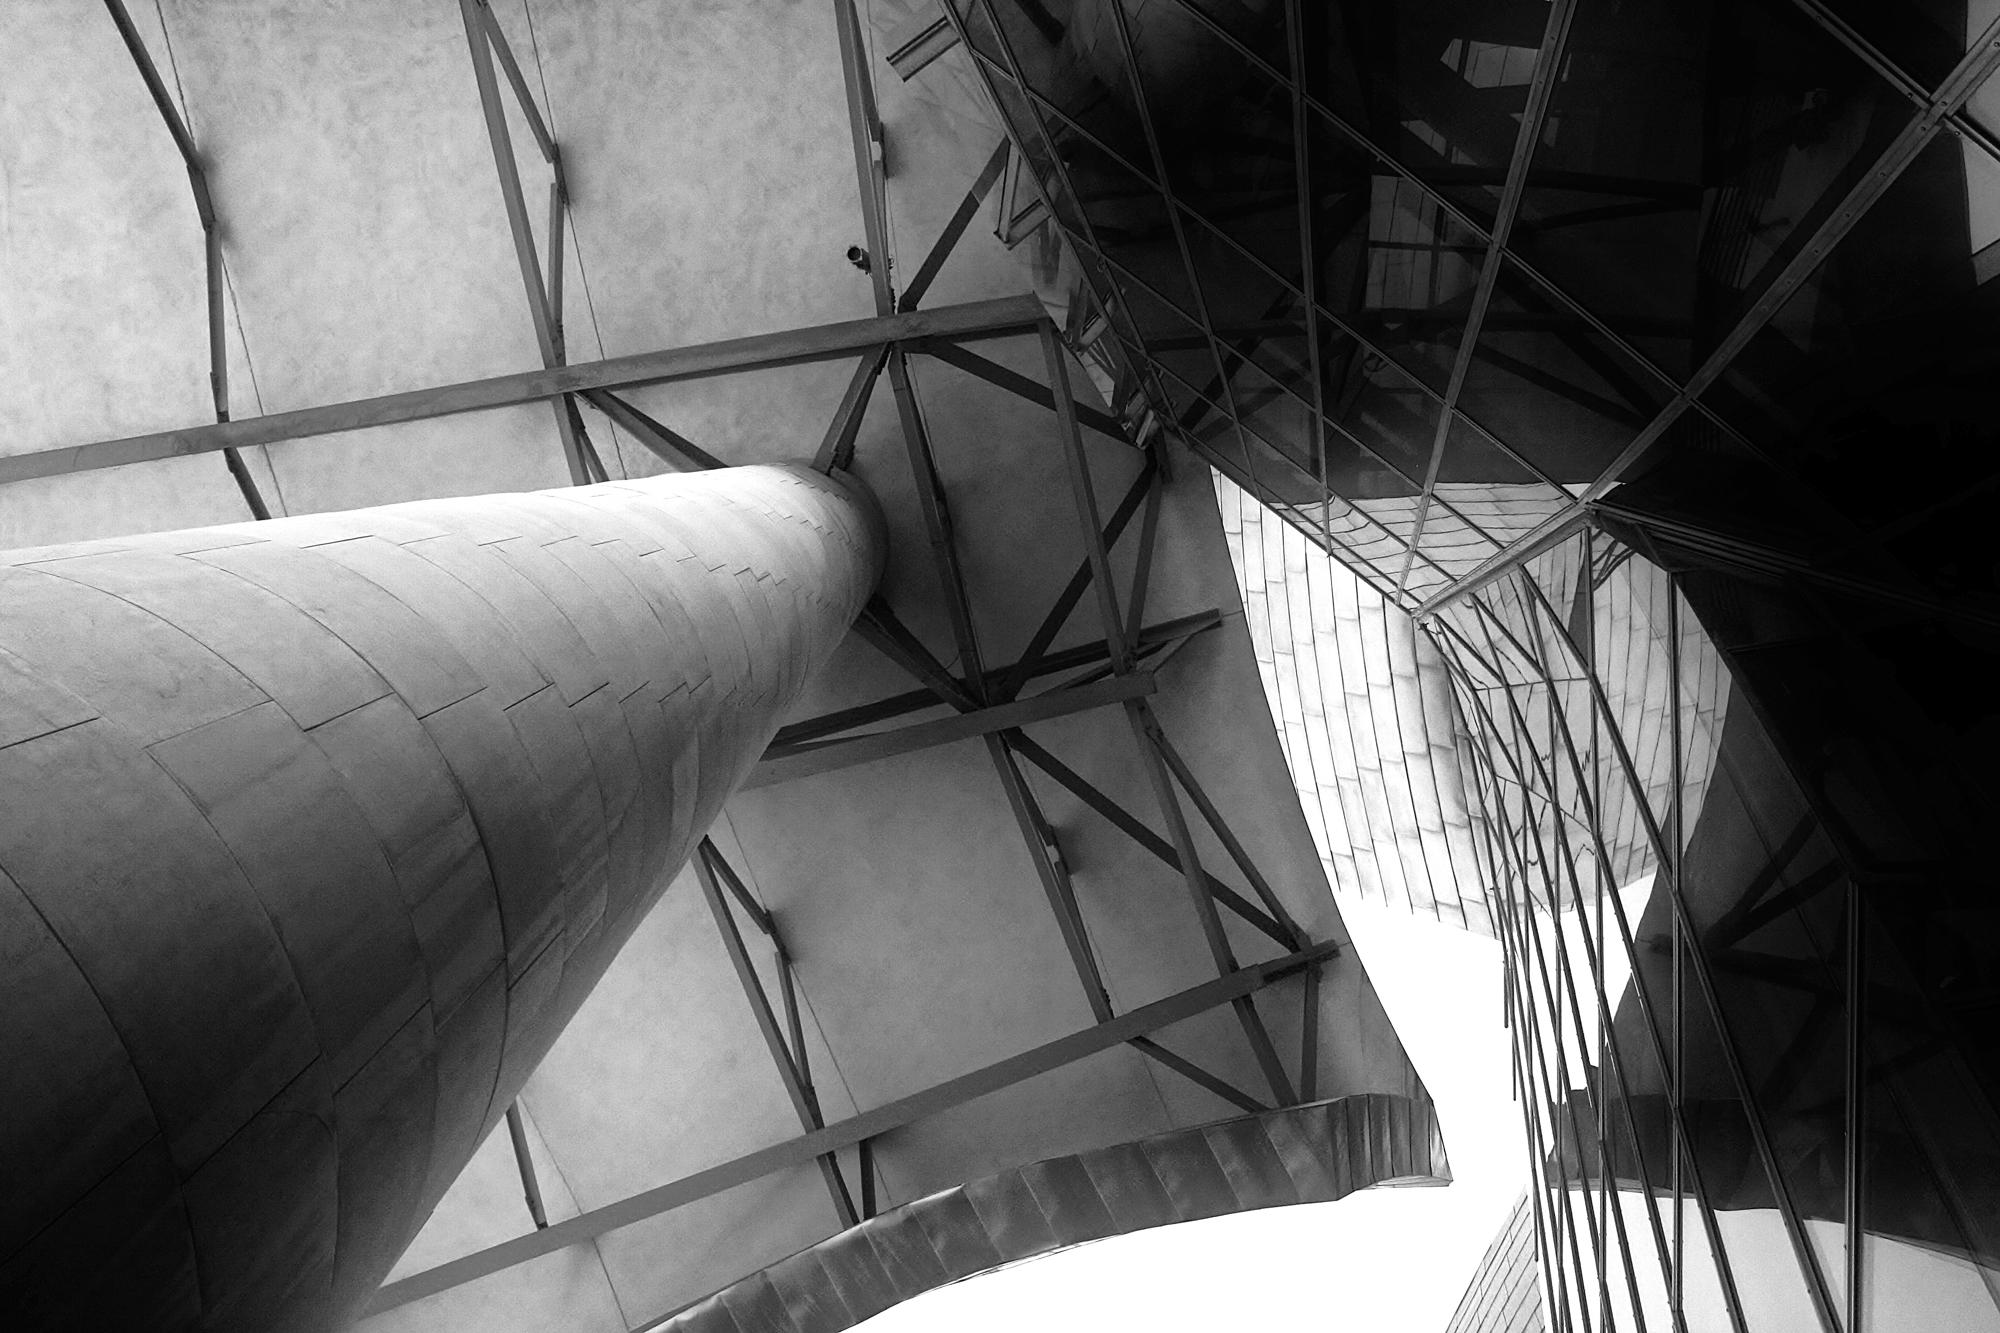 Gugg / Bilbao 2010